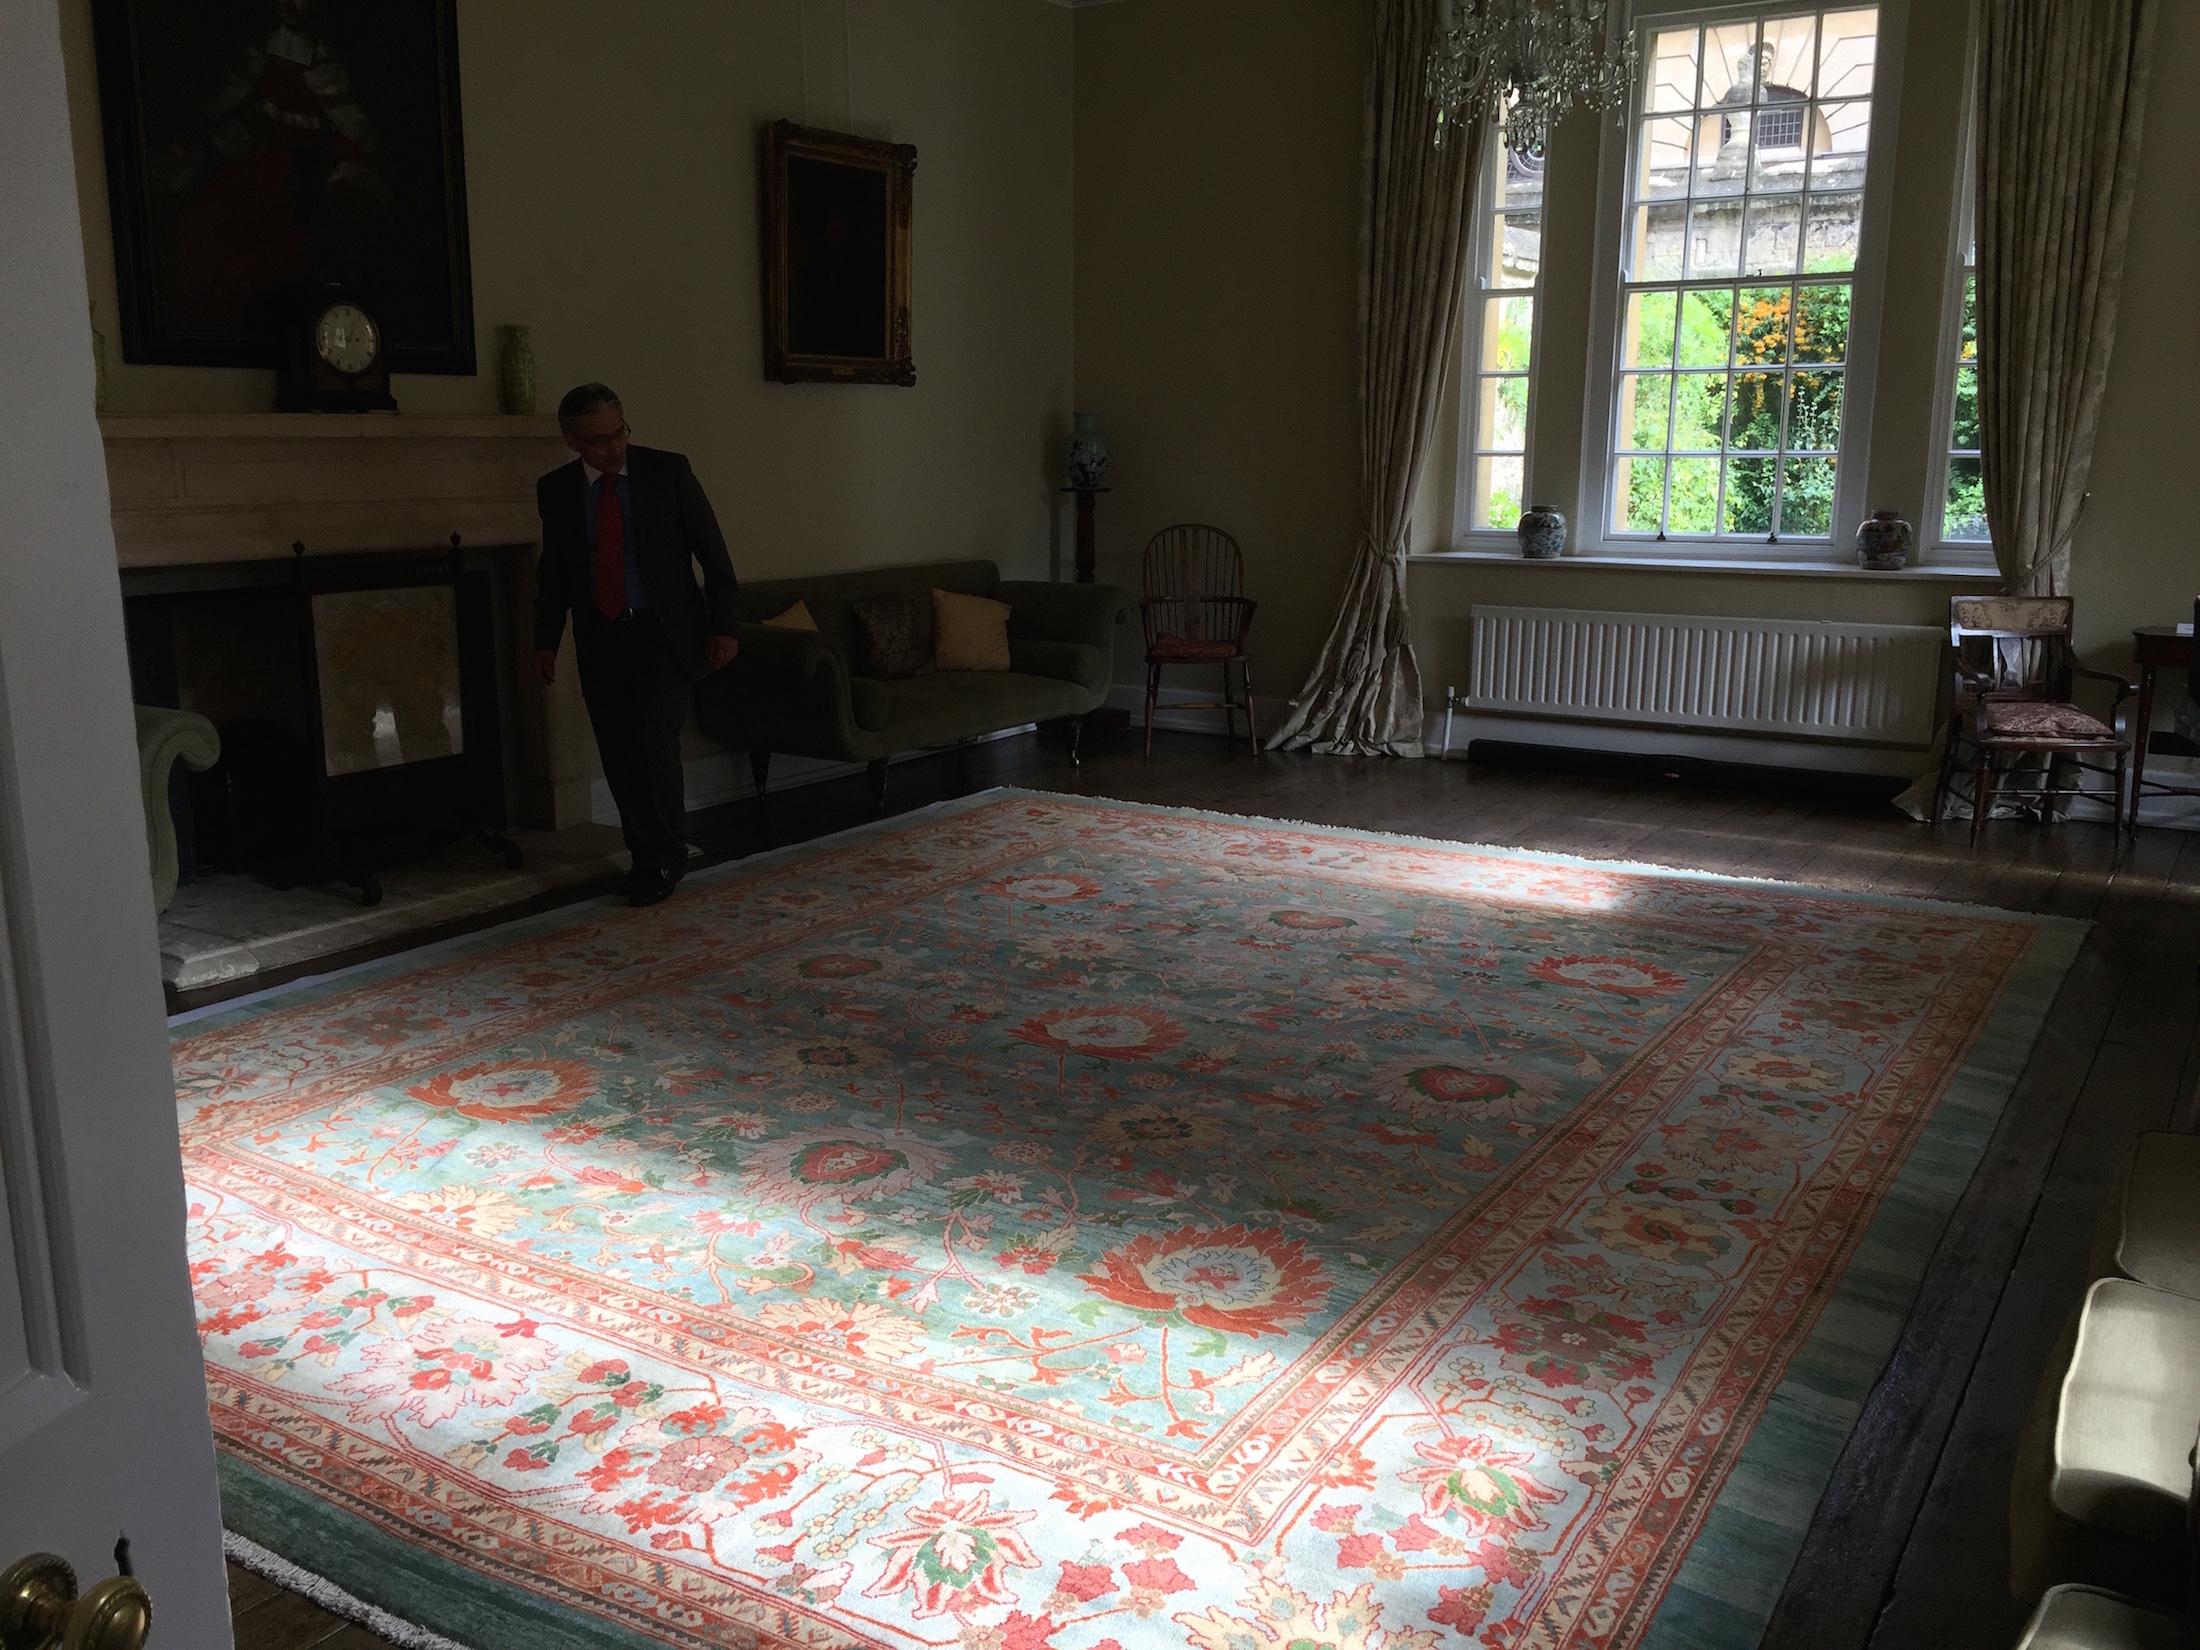 Persian rug, Persian carpet, Oriental Carpet, Oriental Rug, Hampshire, London, Persian rug Hampshire, Persian rug London